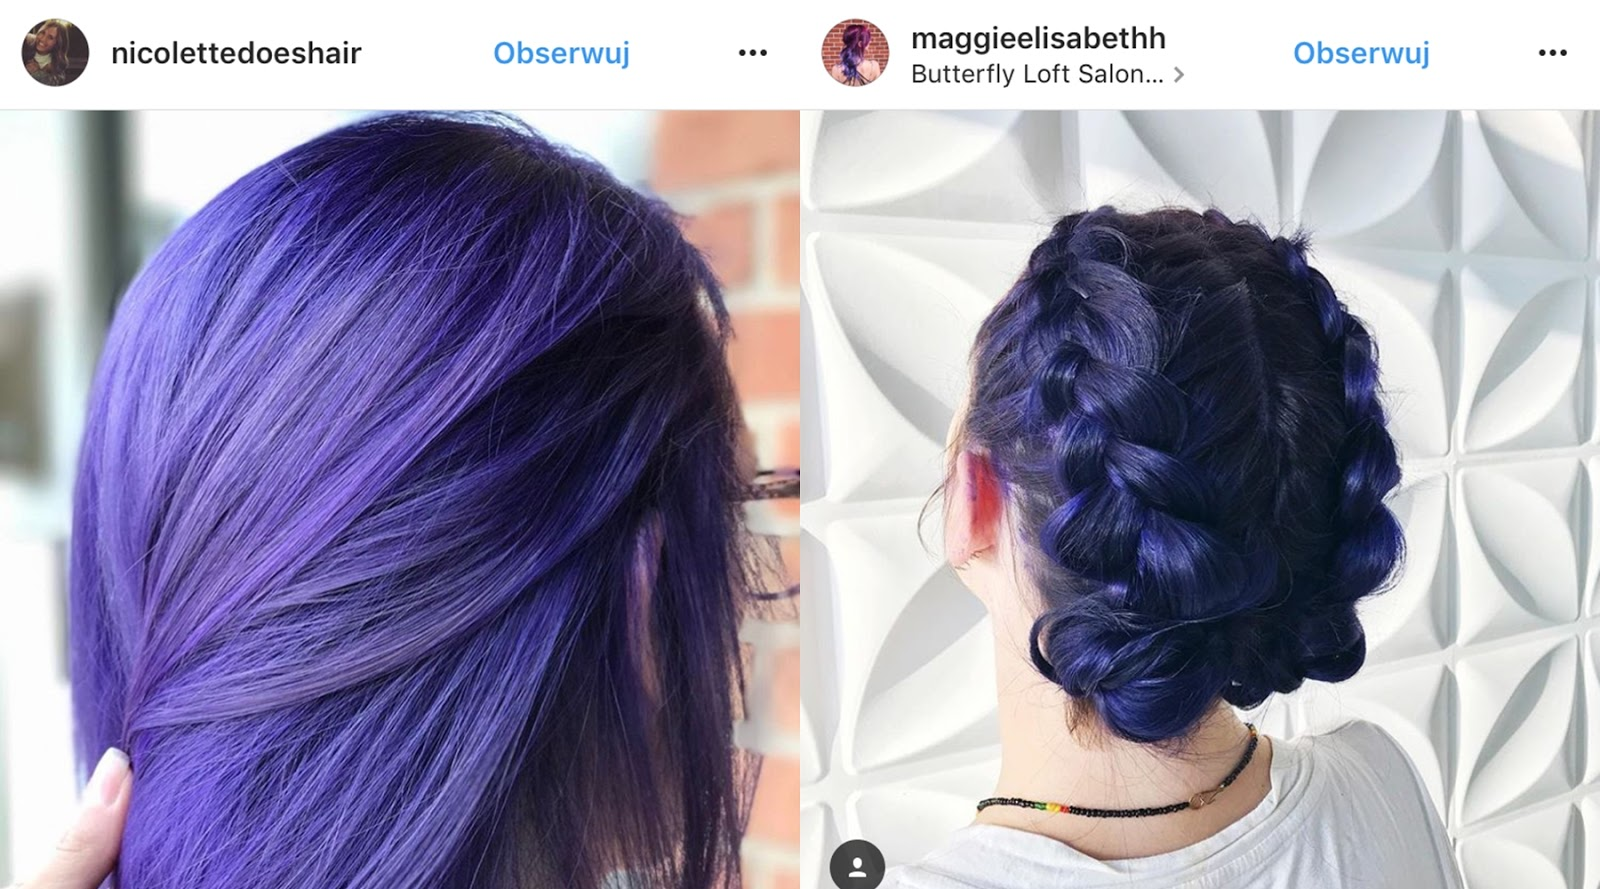 fioletowe włosy